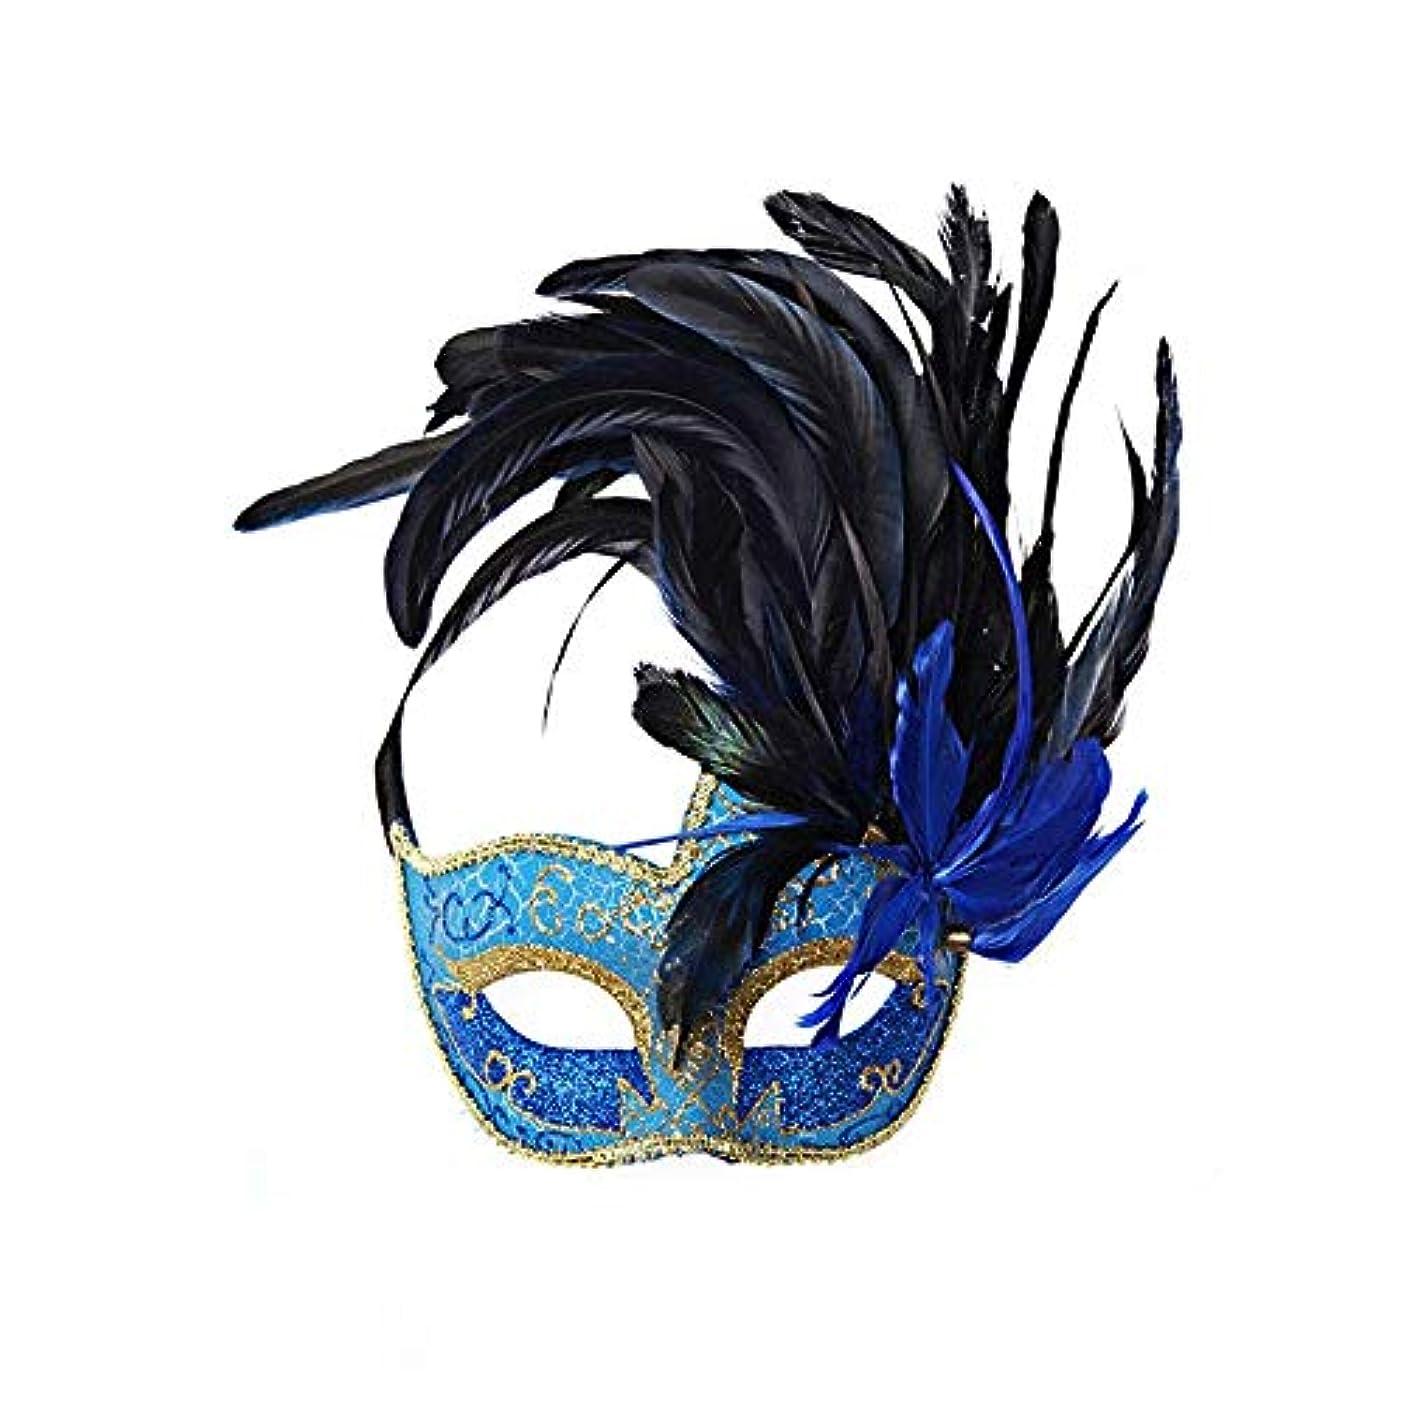 少数好きである過激派Nanle ハロウィンマスクハーフフェザーマスクベニスプリンセスマスク美容レース仮面ライダーコスプレ (色 : Style A blue)